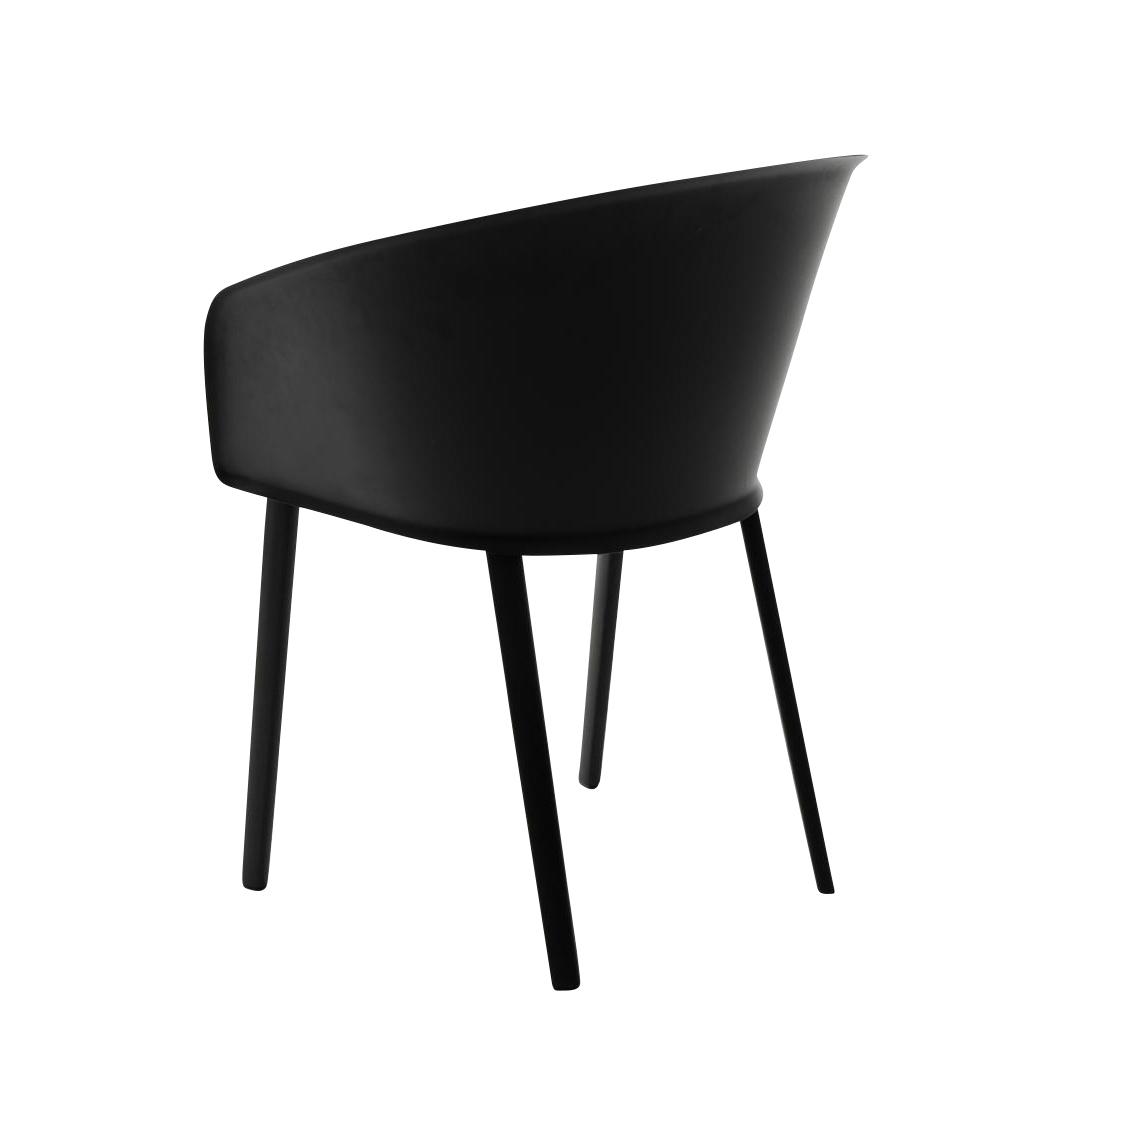 Kettal - Stampa Solid - Chaise avec accoudoirs - noir/sans coussins/PxHxP 57x80x68cm/structure aluminium 726 manganèse